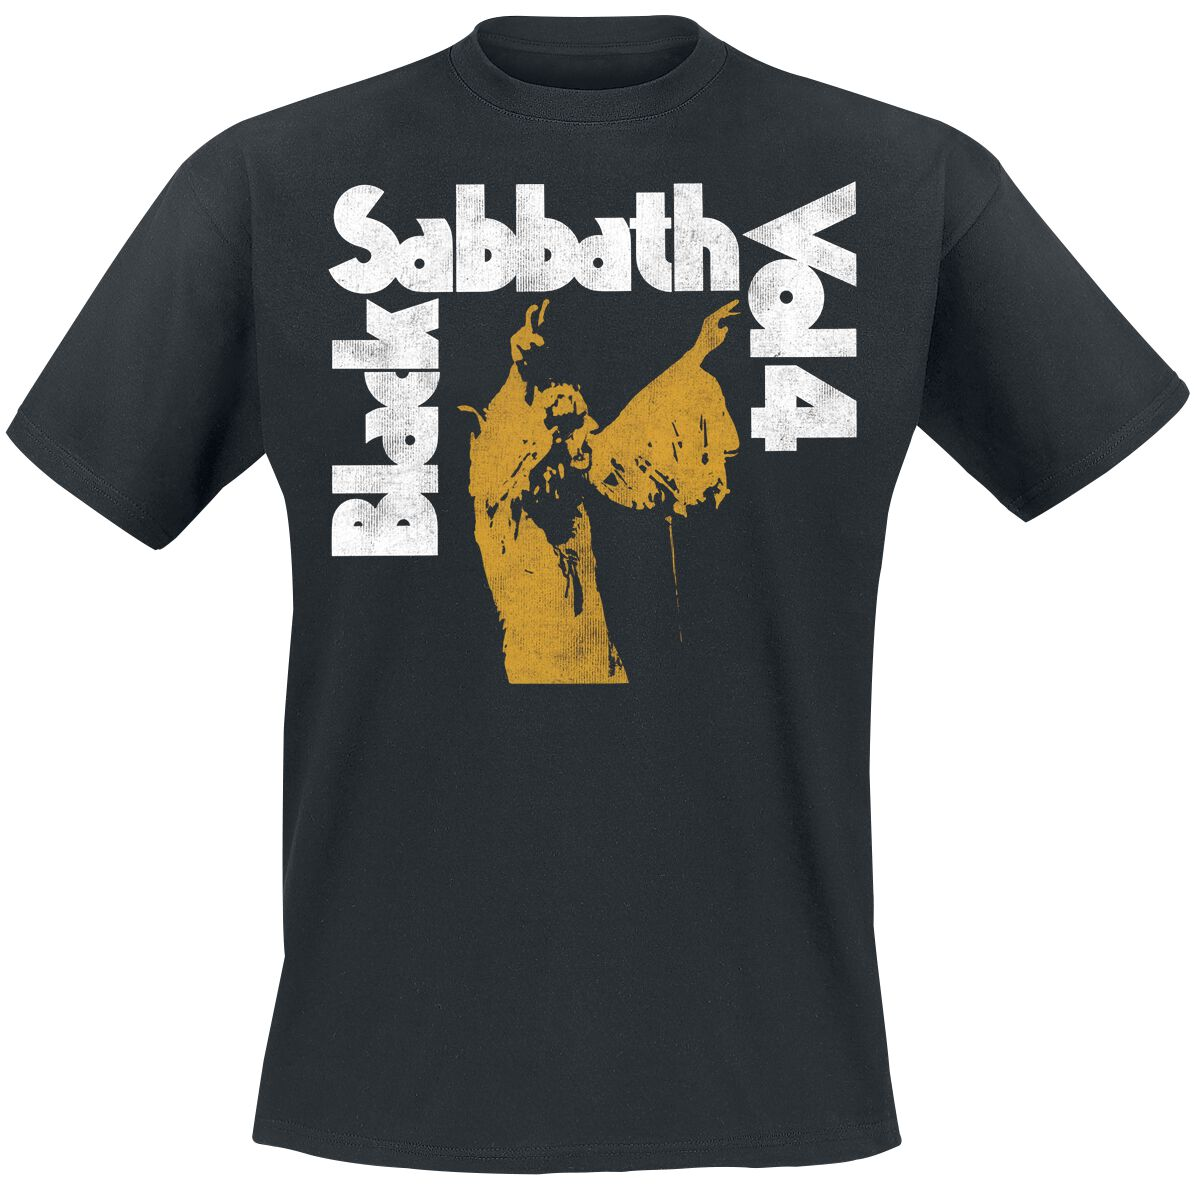 Image of   Black Sabbath Vol. 4 Tracklist T-Shirt sort